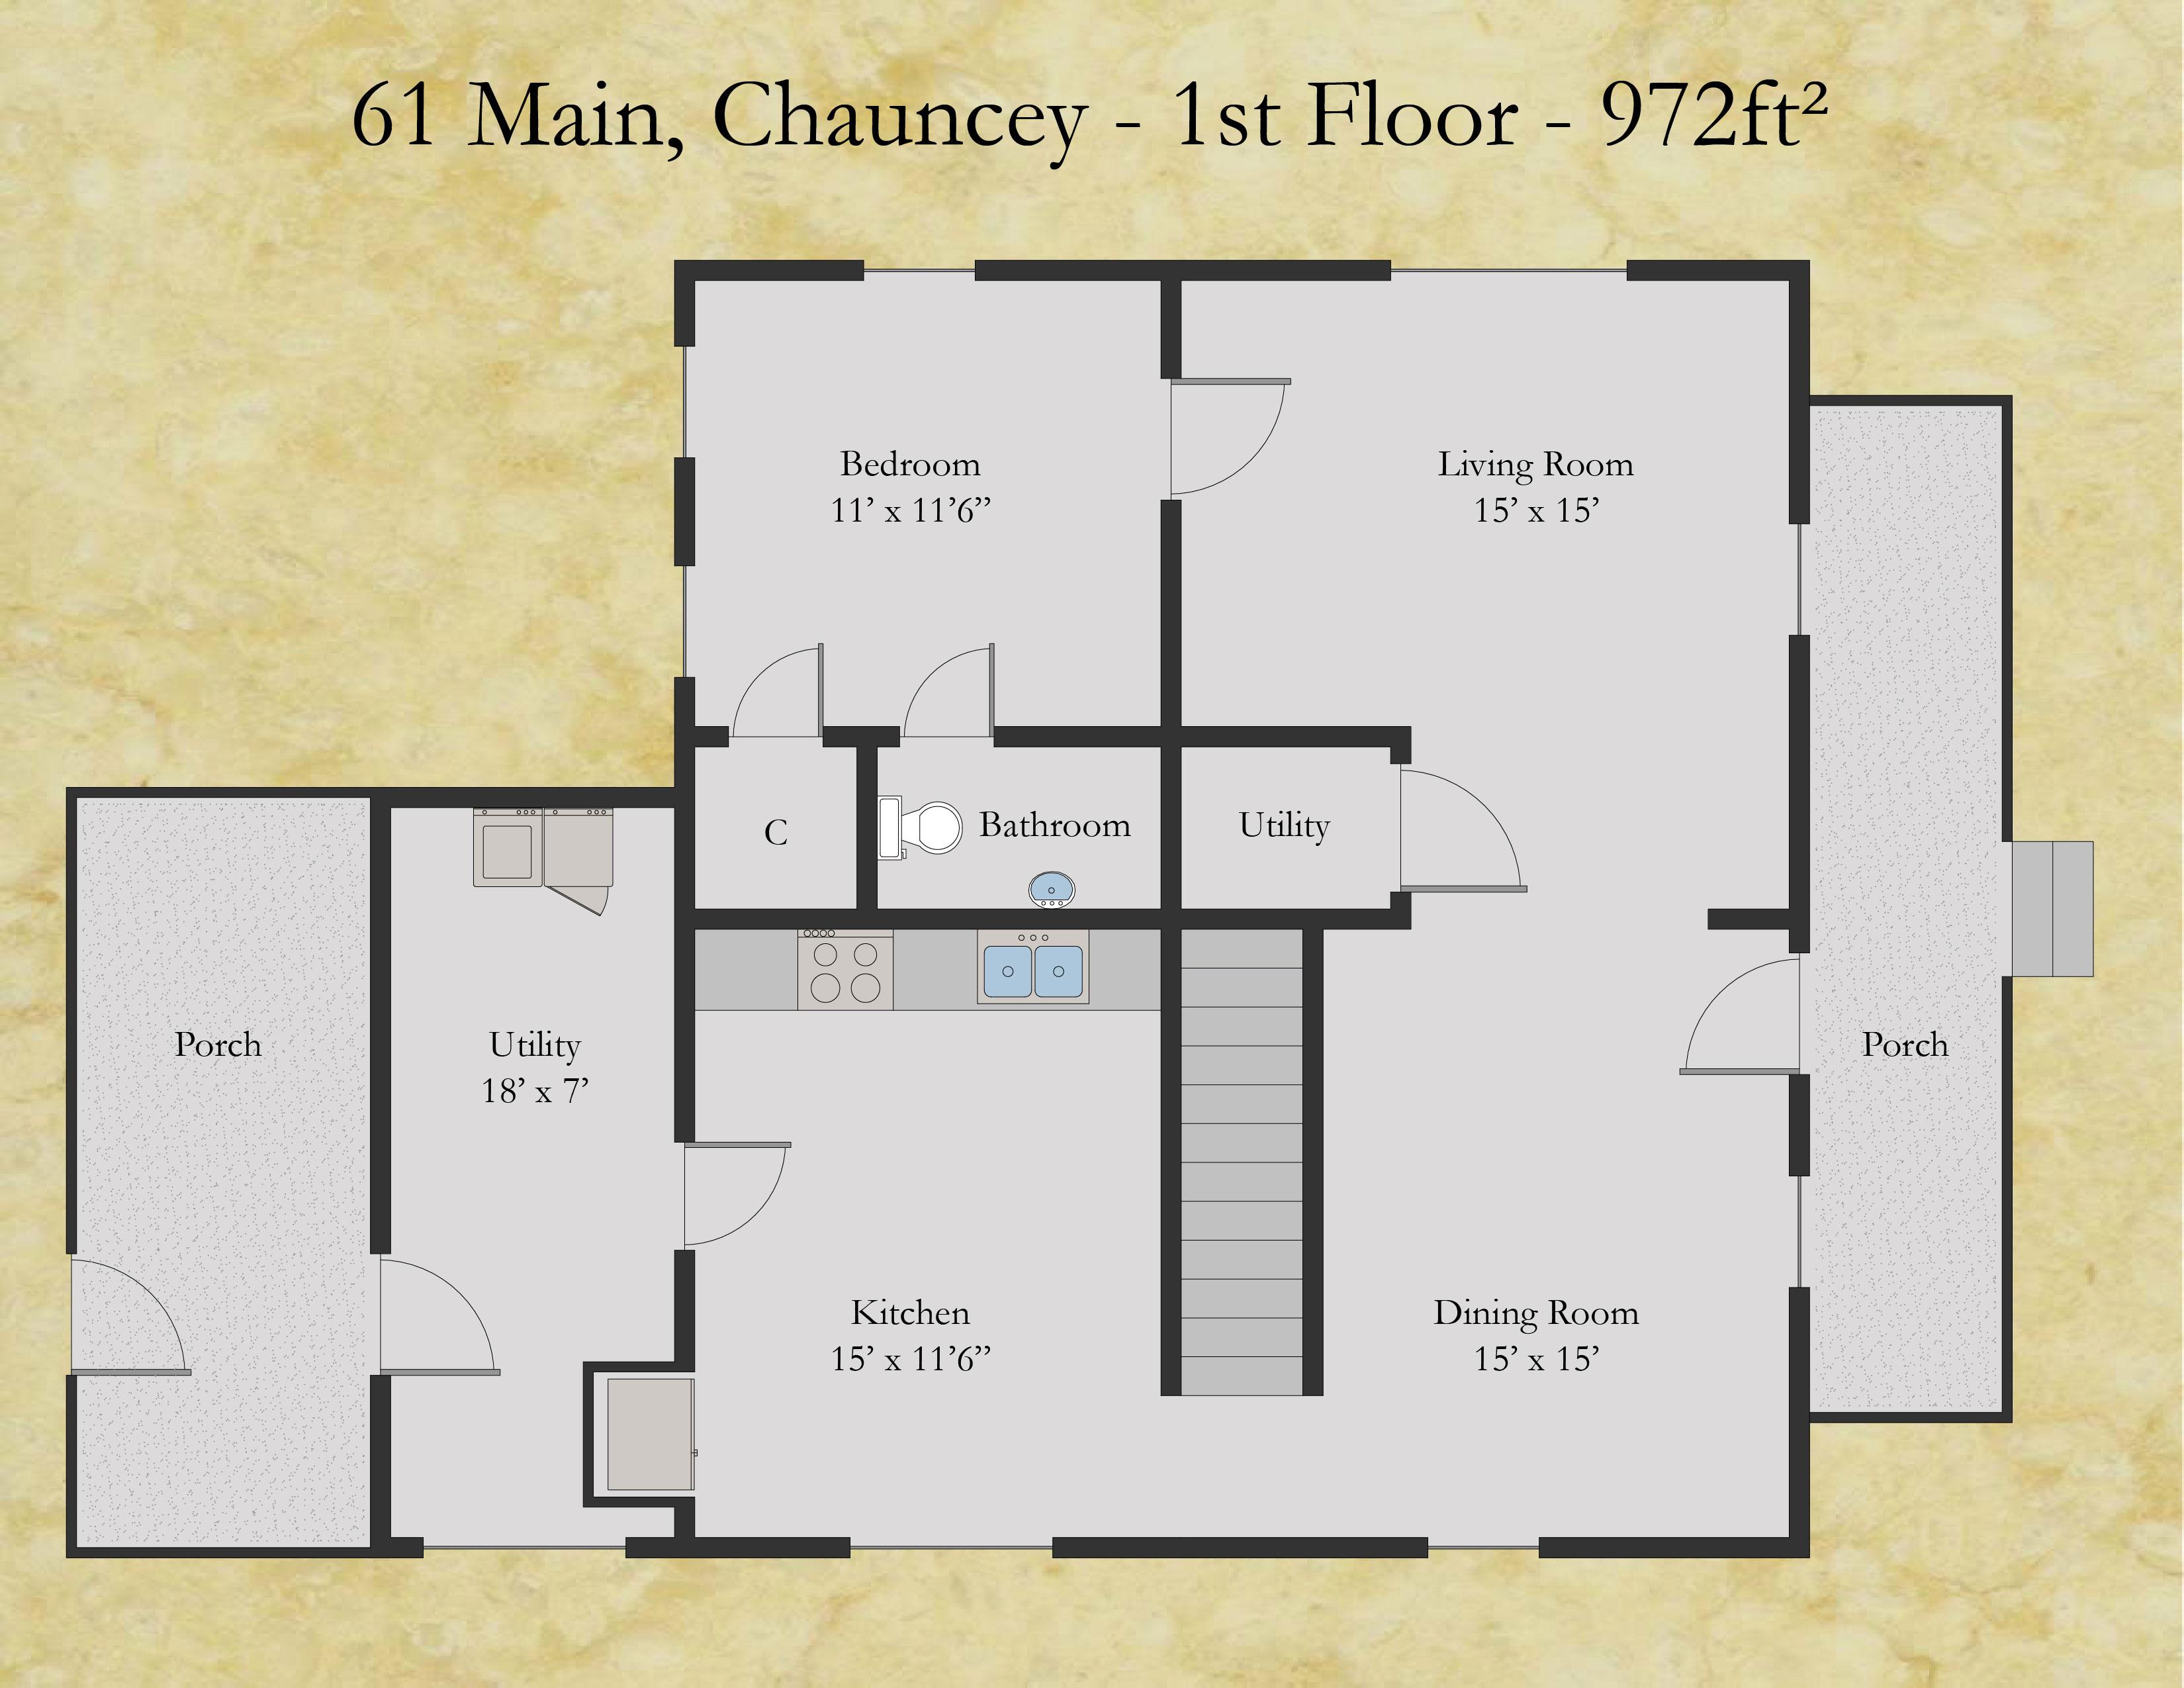 61 Main Chauncey Capstone Properties Athens Ohio